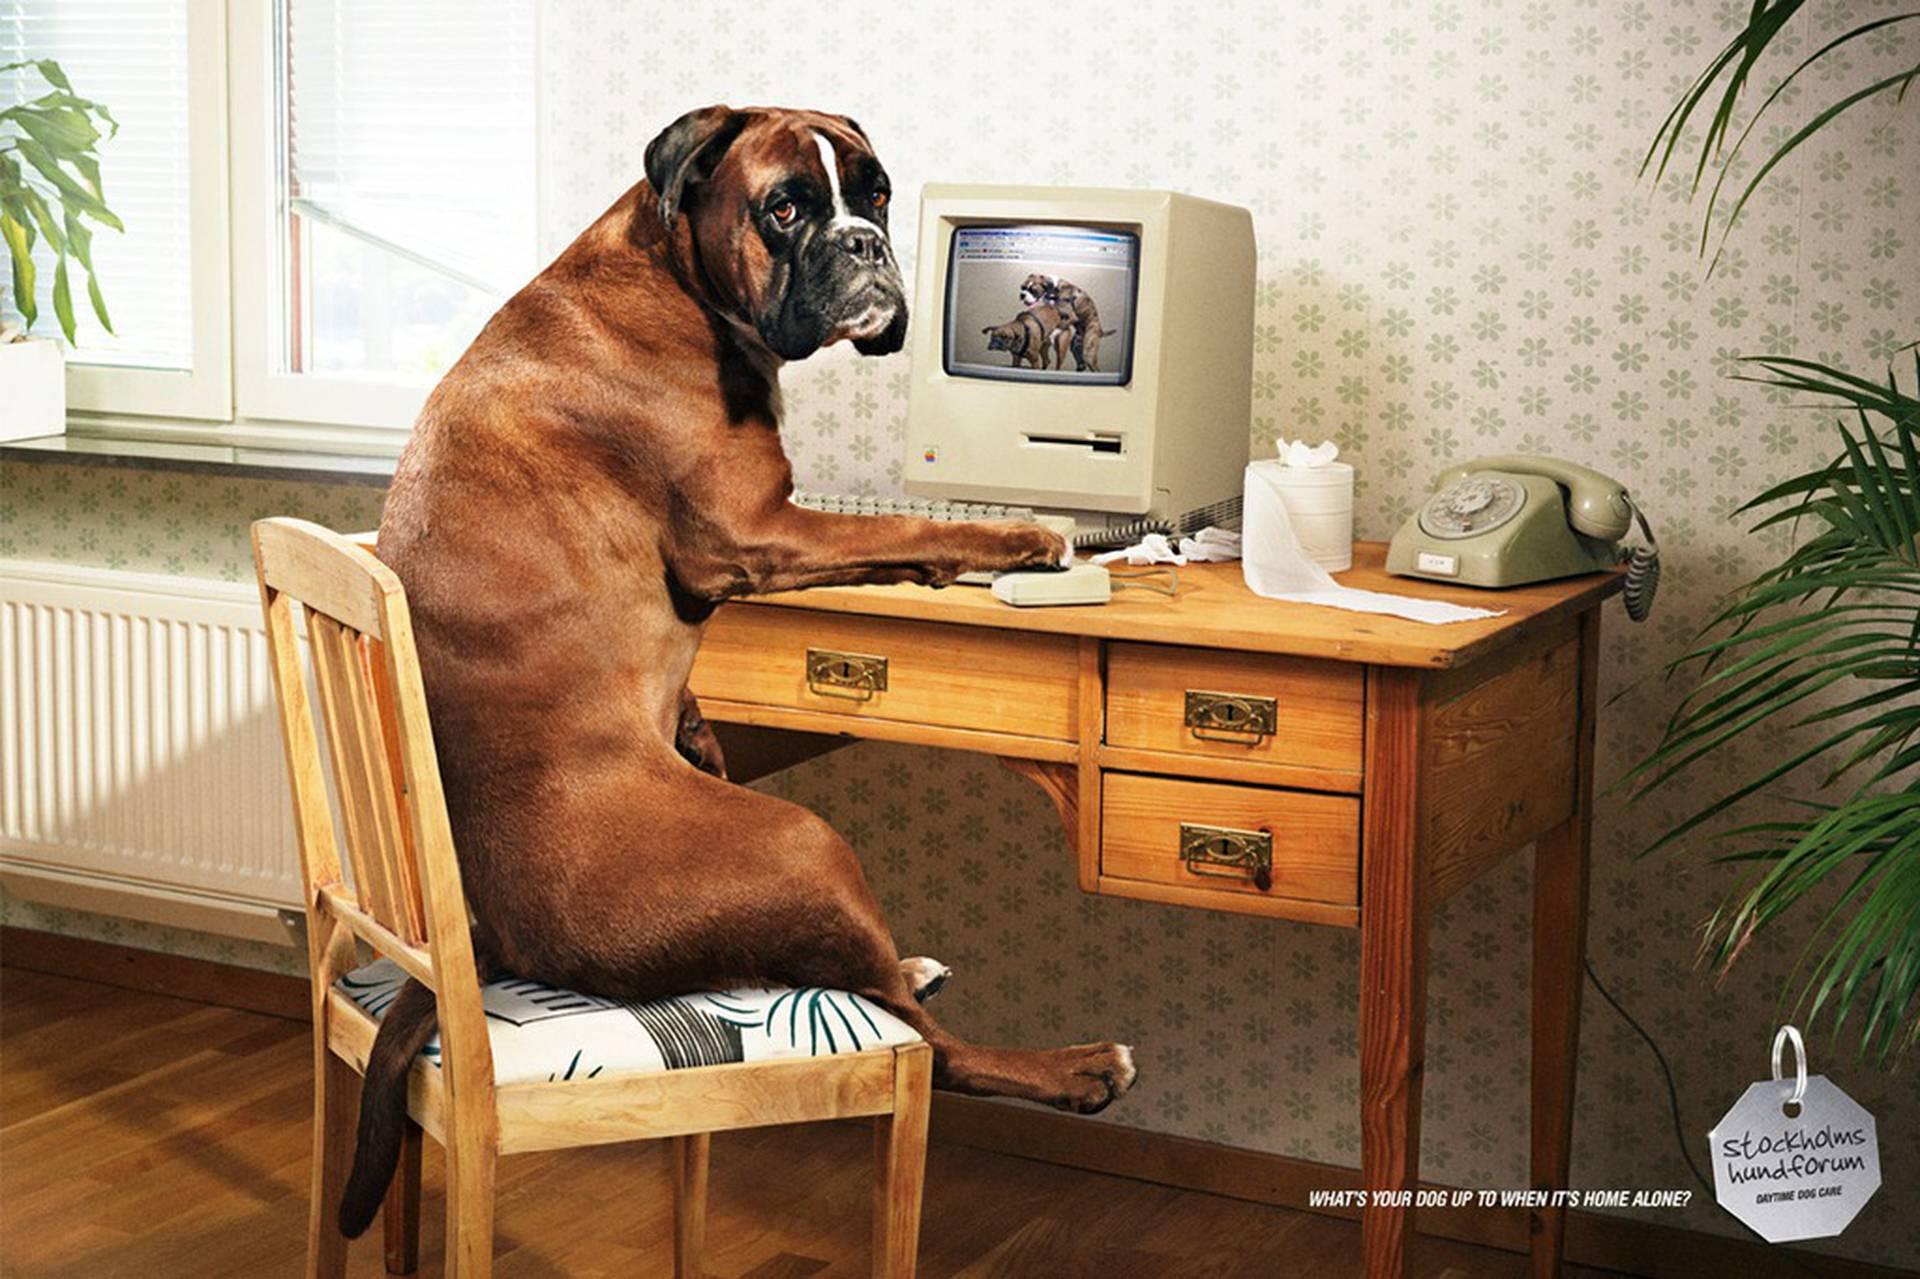 cachorro sentado numa cadeira no computador